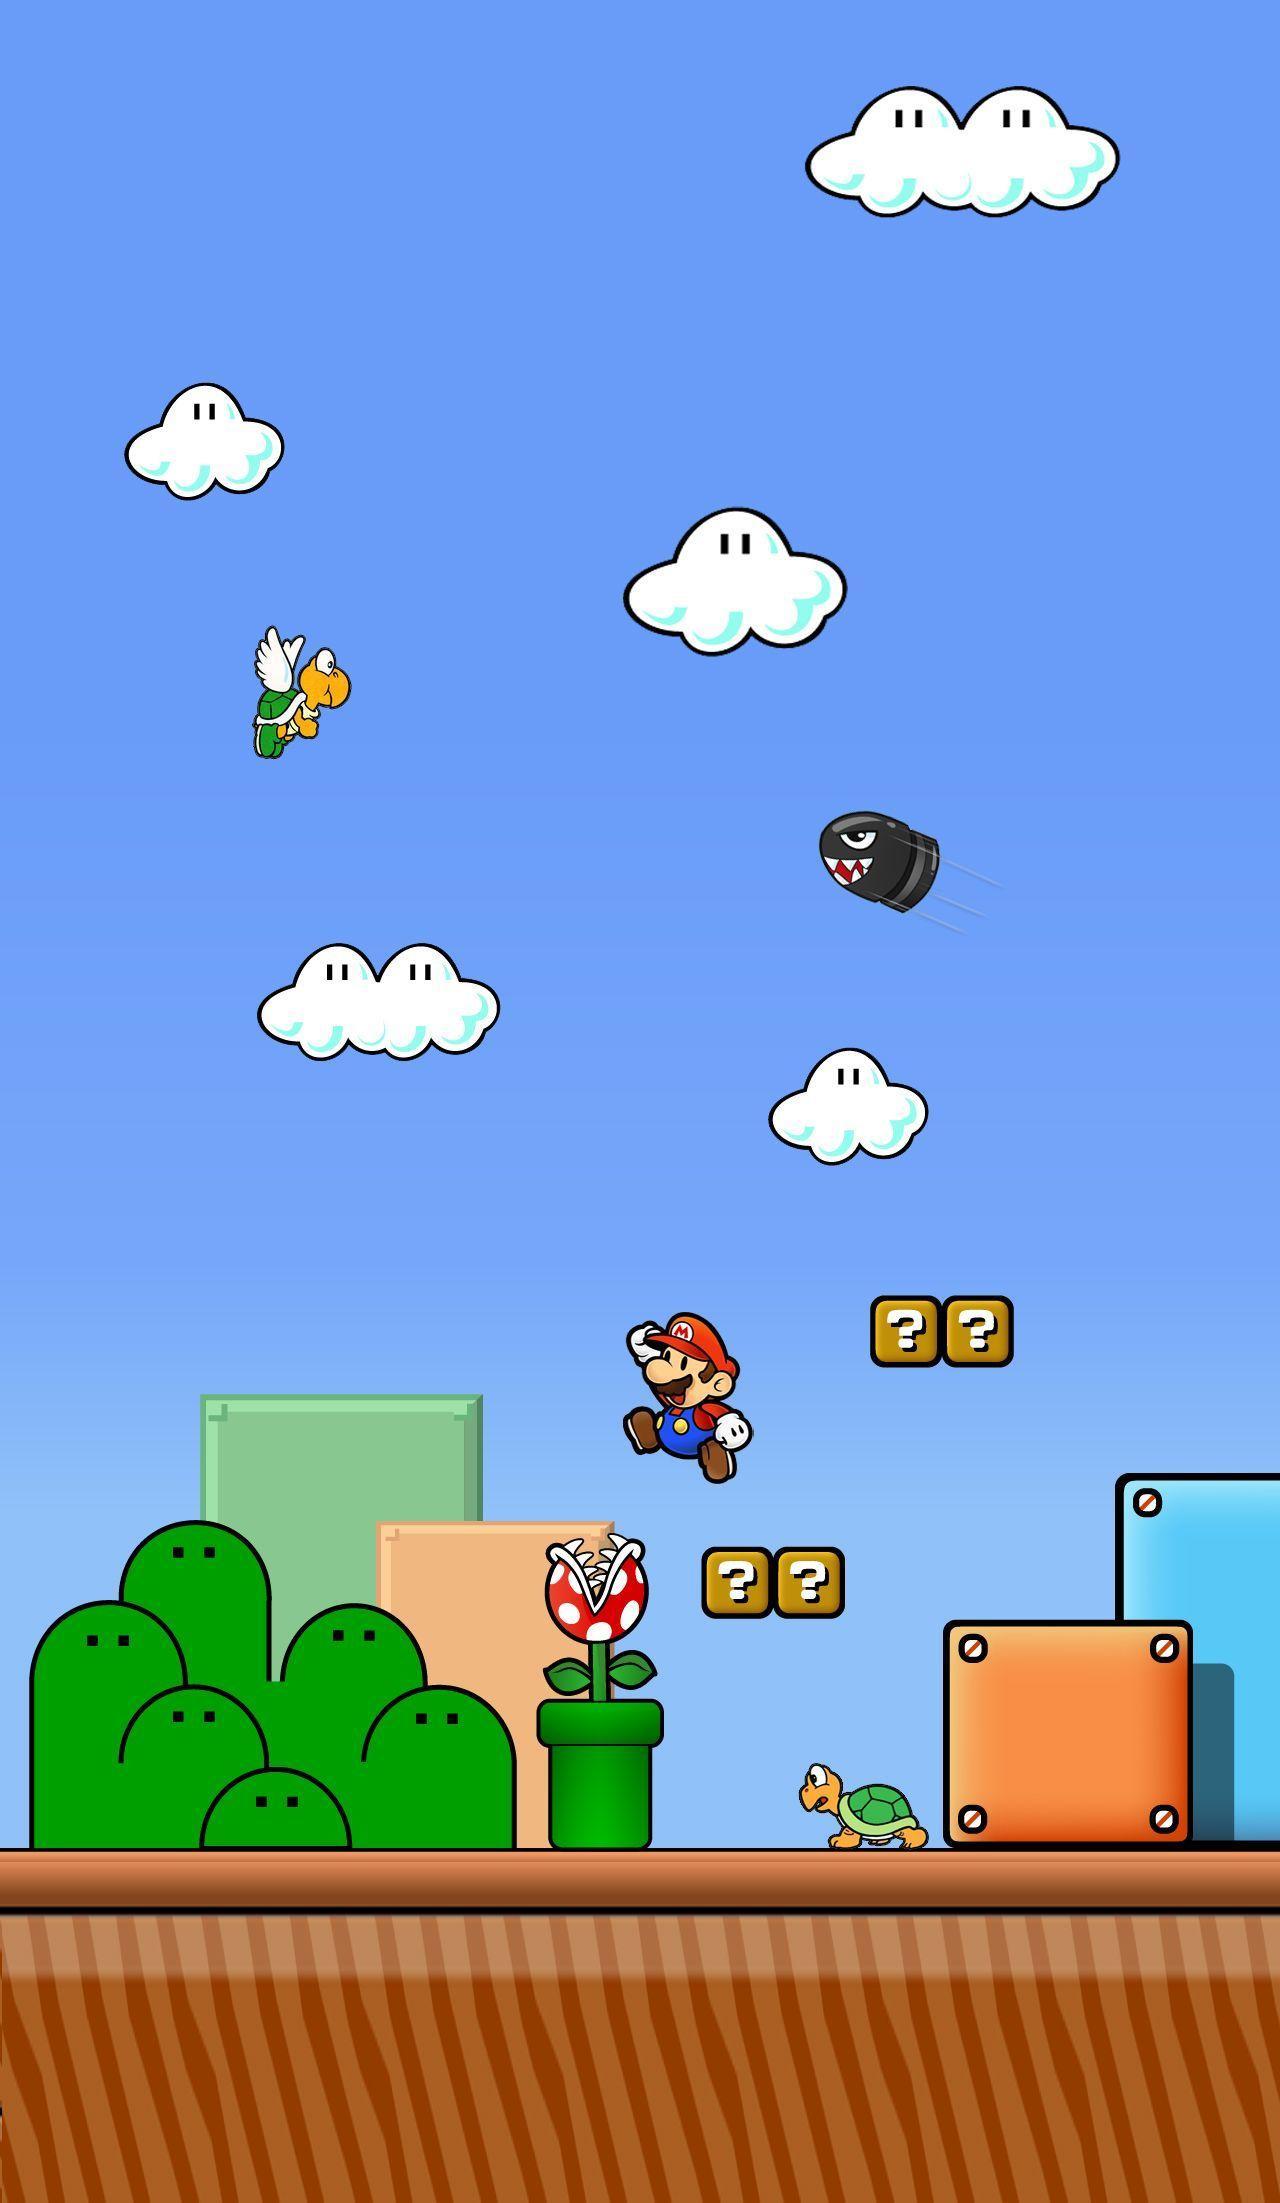 Super Mario iPhone Wallpapers - Top